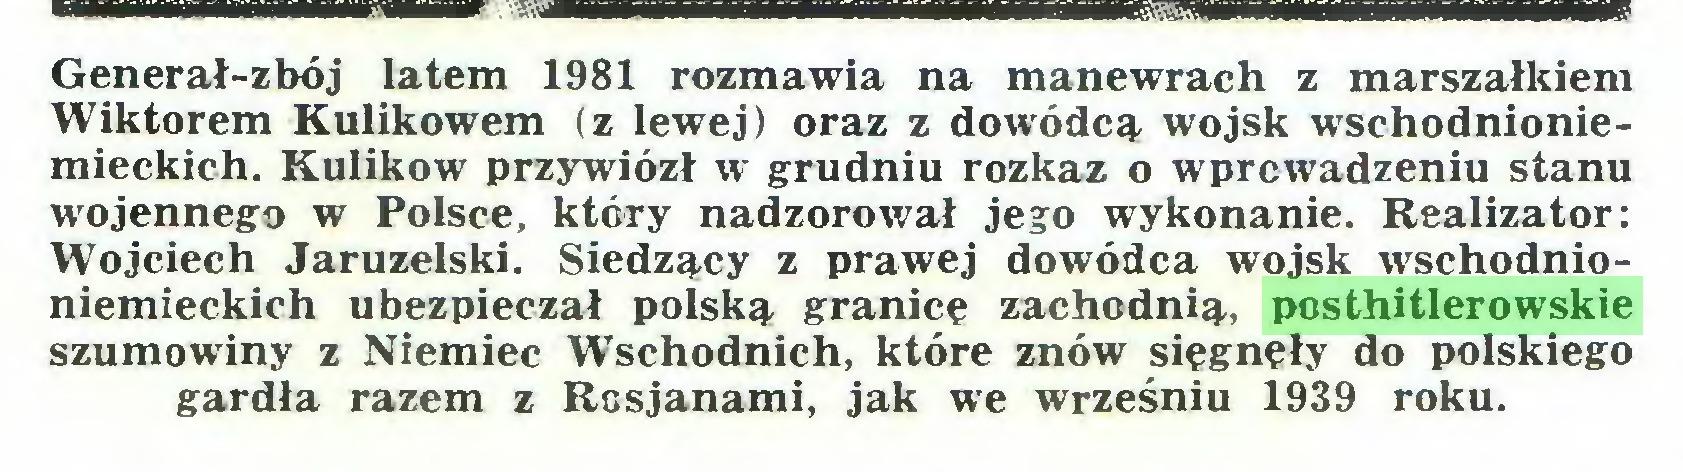 (...) Generał-zbój latem 1981 rozmawia na manewrach z marszałkiem Wiktorem Kulikowem (z lewej) oraz z dowódcą, wojsk wschodnioniemieckich. Kulikow przywiózł w grudniu rozkaz o wprowadzeniu stanu wojennego w Polsce, który nadzorował jego wykonanie. Realizator: Wojciech Jaruzelski. Siedzący z prawej dowódca wojsk wschodnioniemieckich ubezpieczał polską granicę zachodnią, posthitlerowskie szumowiny z Niemiec Wschodnich, które znów sięgnęły do polskiego gardła razem z Rosjanami, jak we wrześniu 1939 roku...